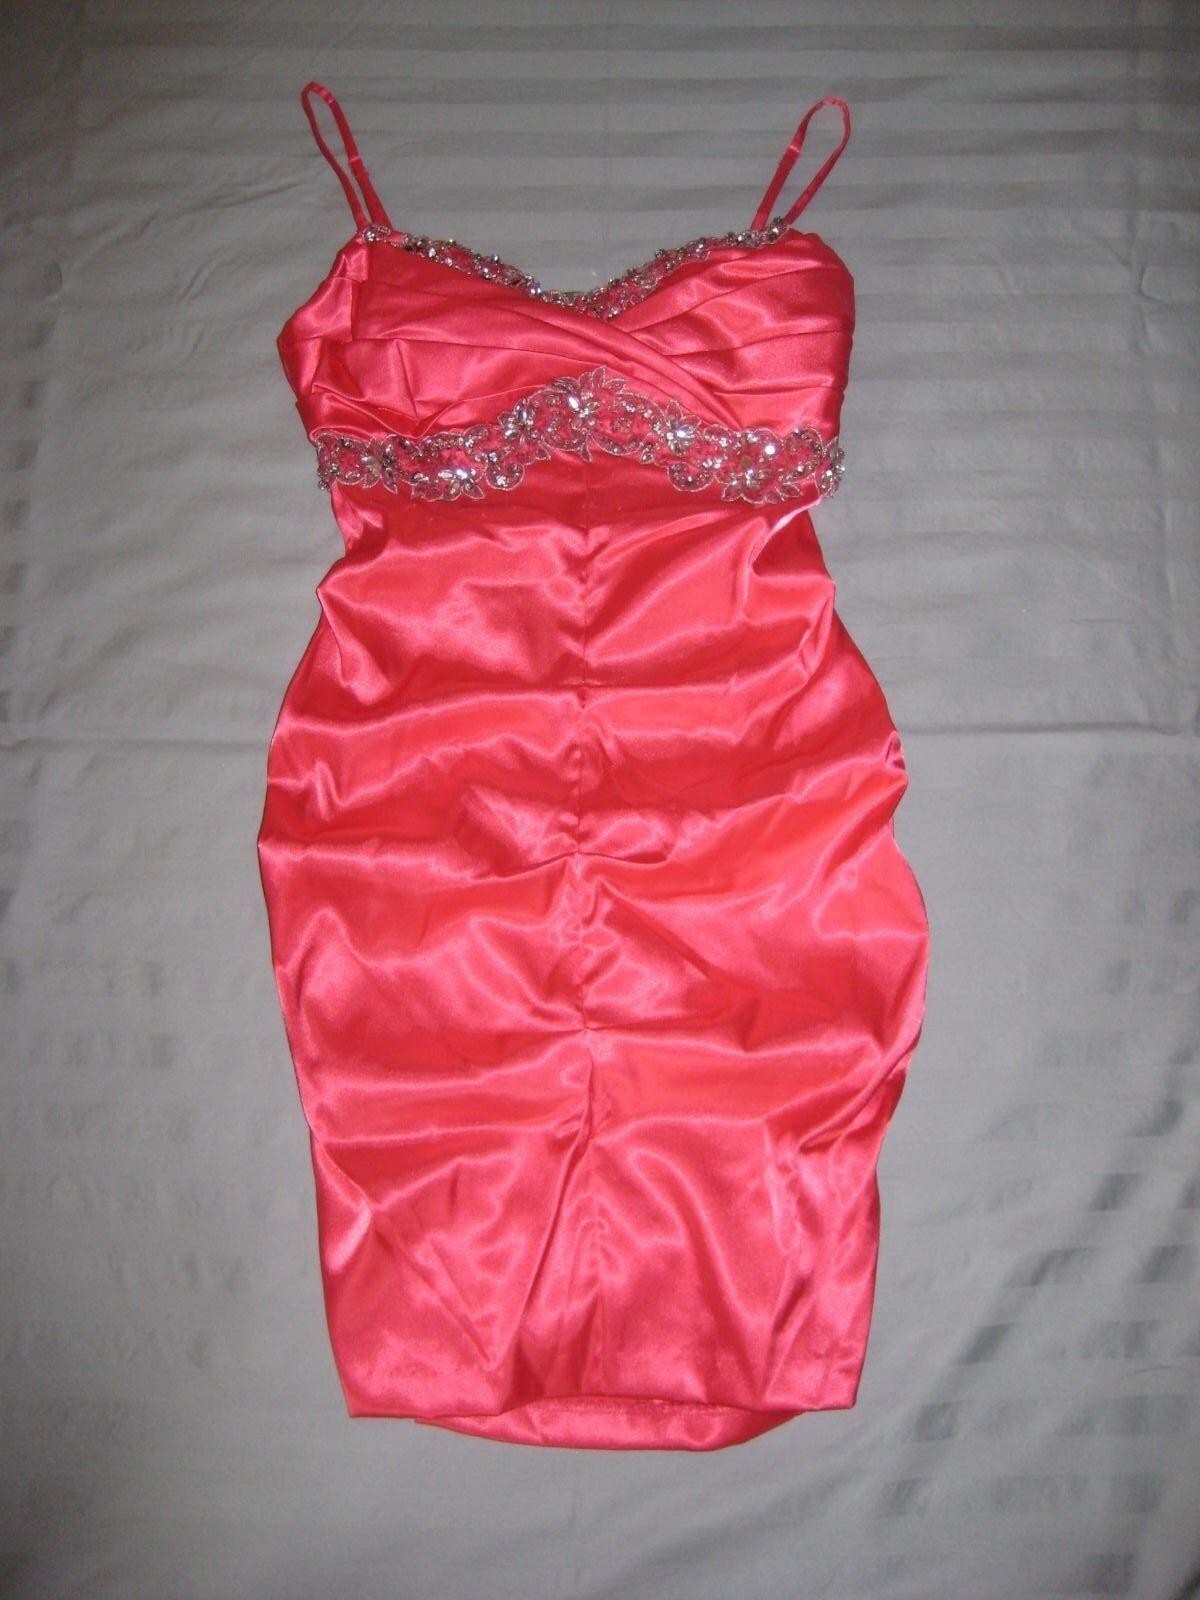 B. Darlin Pink Dress size Small New